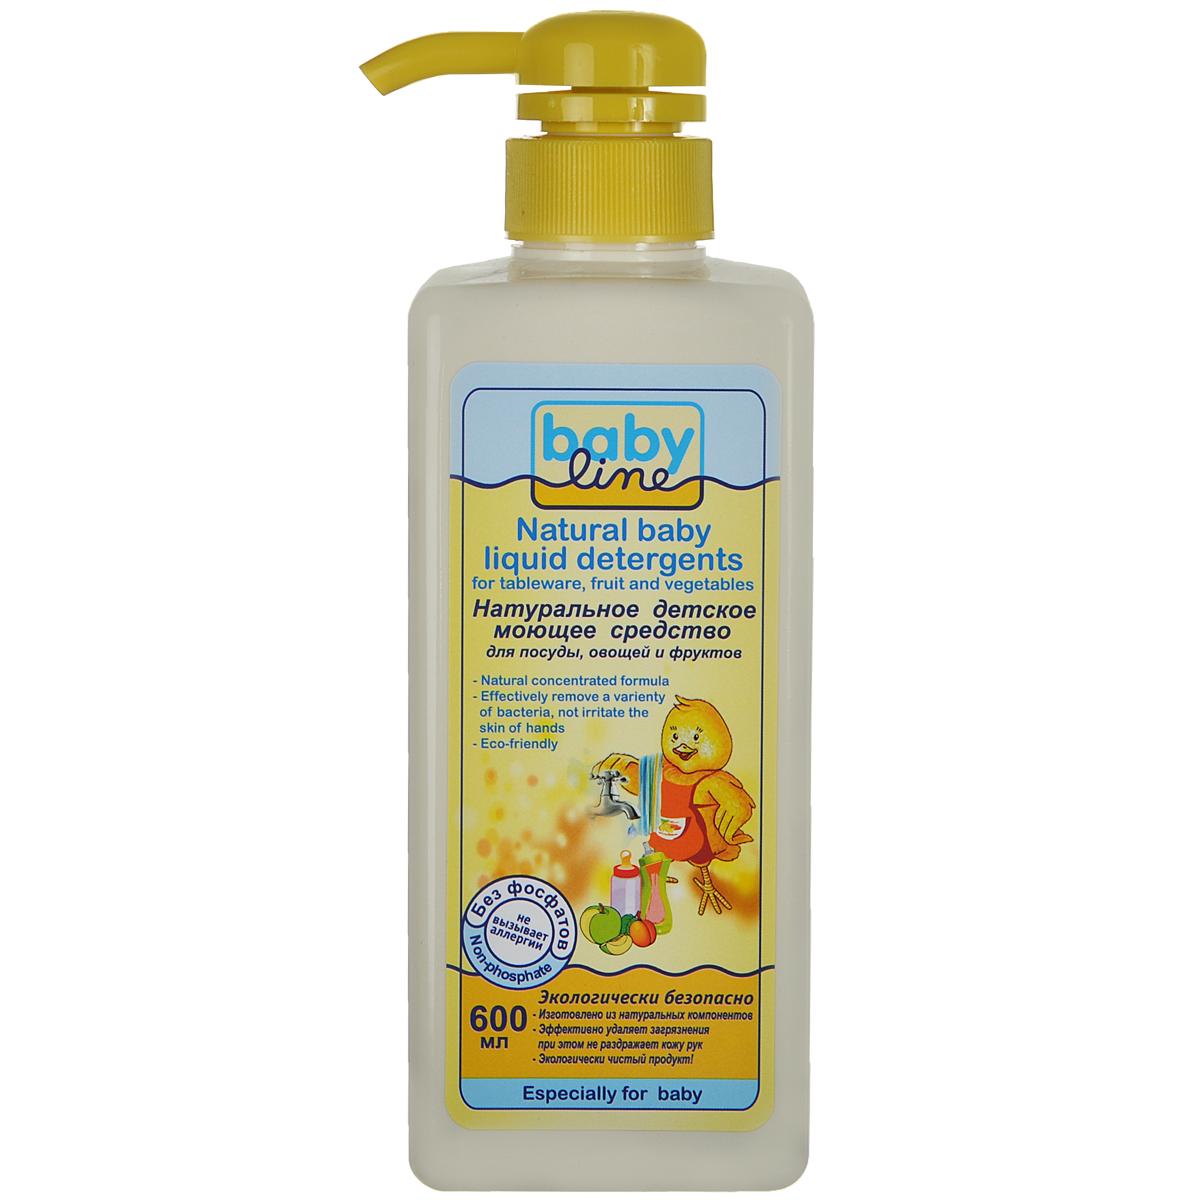 BabyLine Моющее средство для посуды, овощей и фруктов, натуральное, детское, 600 мл391602Моющее средствоBabyLine изготовлено из натурального сырья и компонентов, используемых в производстве продуктов питания, поэтому полностью безопасно для младенцев с первых дней жизни.Эффективно удаляет пищевые загрязнения и бактерии с детской посуды, сосок и т.д.Особенно рекомендовано для мытья фруктов и овощей. Характеристики:Объем: 600 мл. Артикул: 18273362. Изготовитель: Германия. Товар сертифицирован.